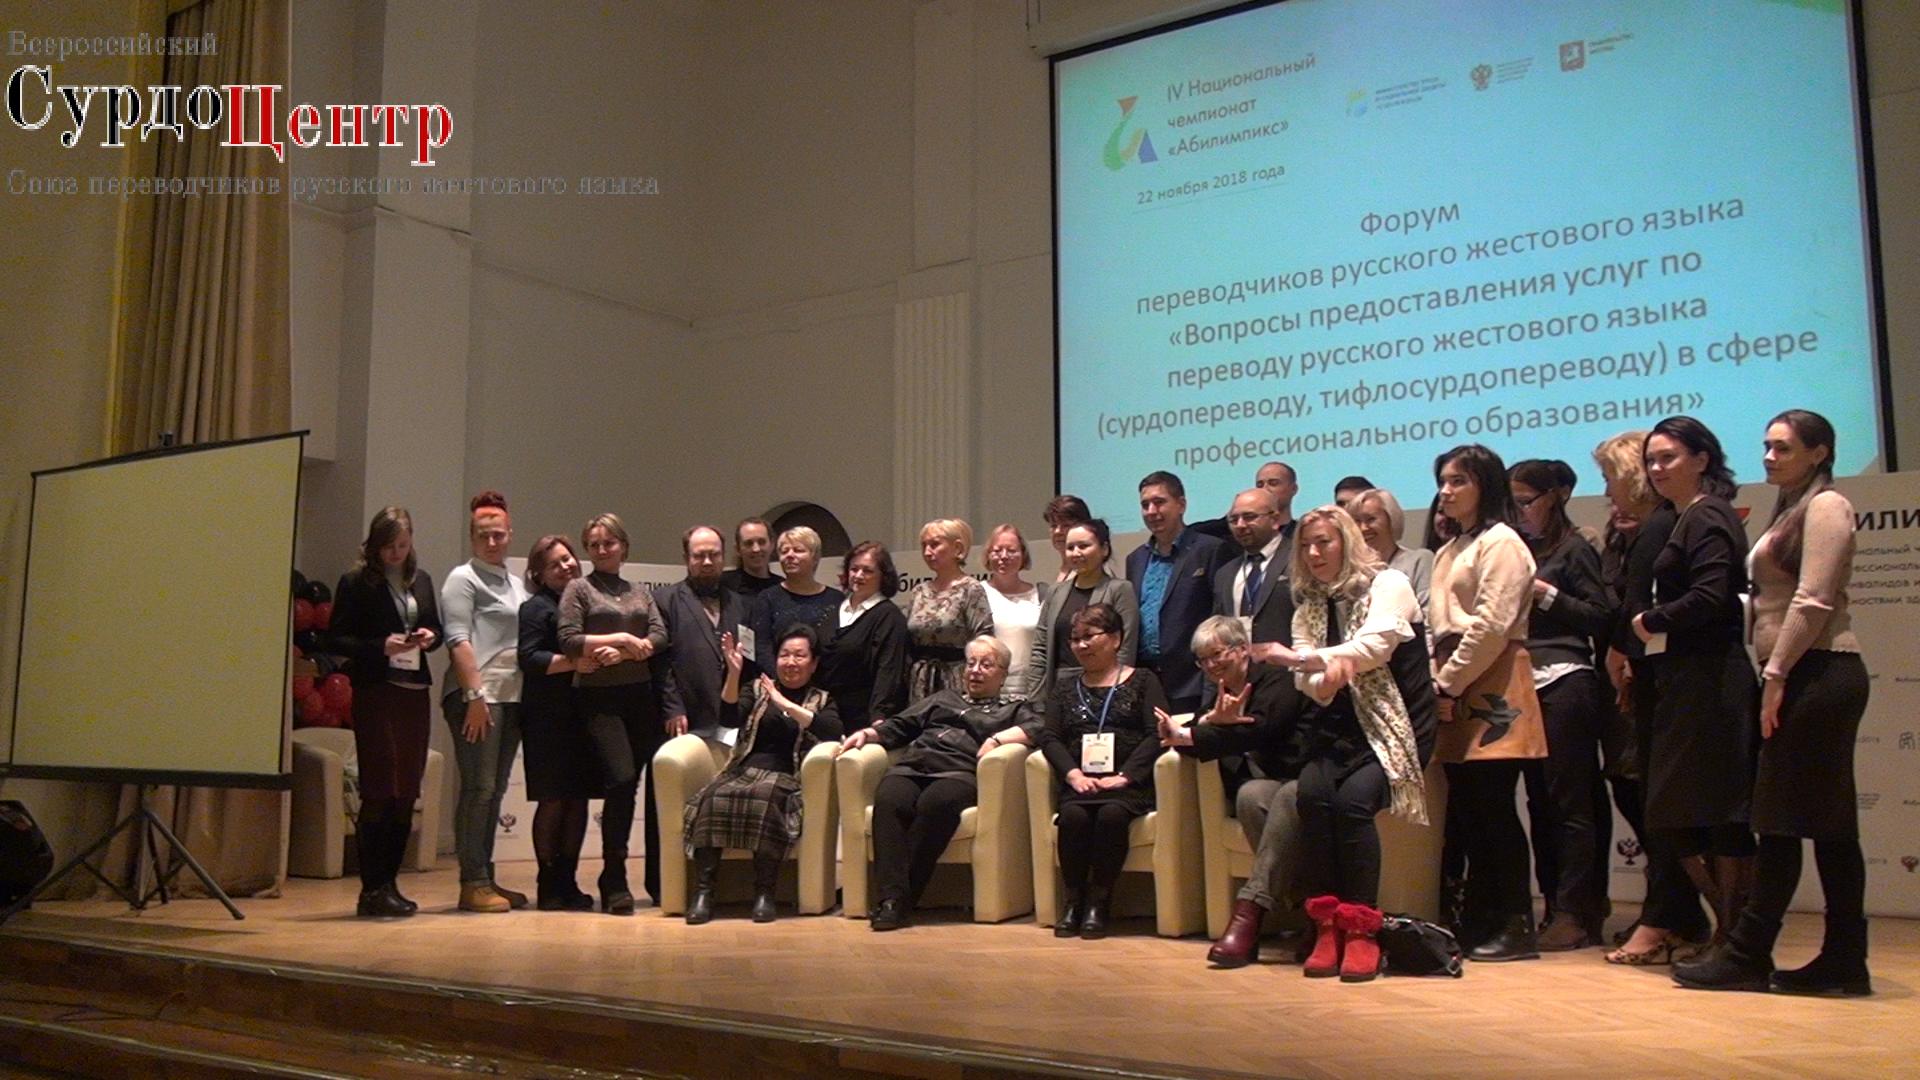 Форум переводчиков русского жестового языка